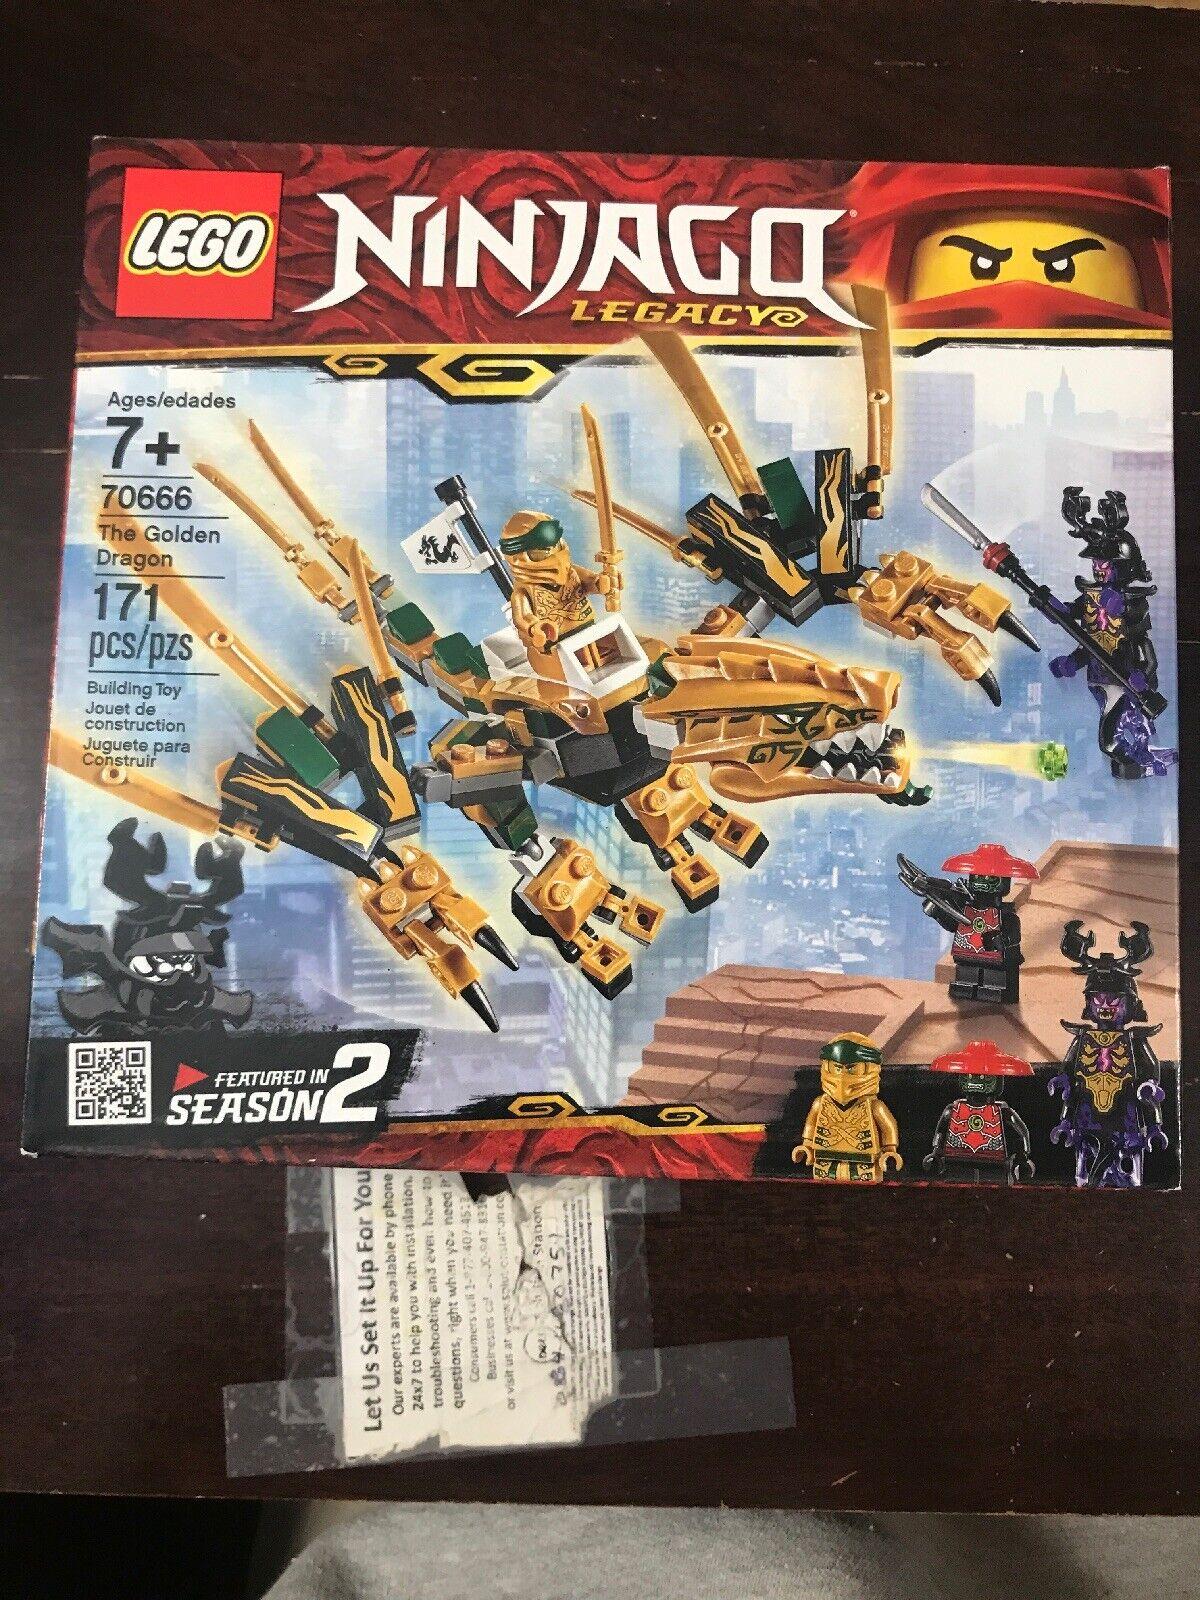 Lego 70666 The Golden Dragon Ninjago Legacy Brand New 2019*A1*